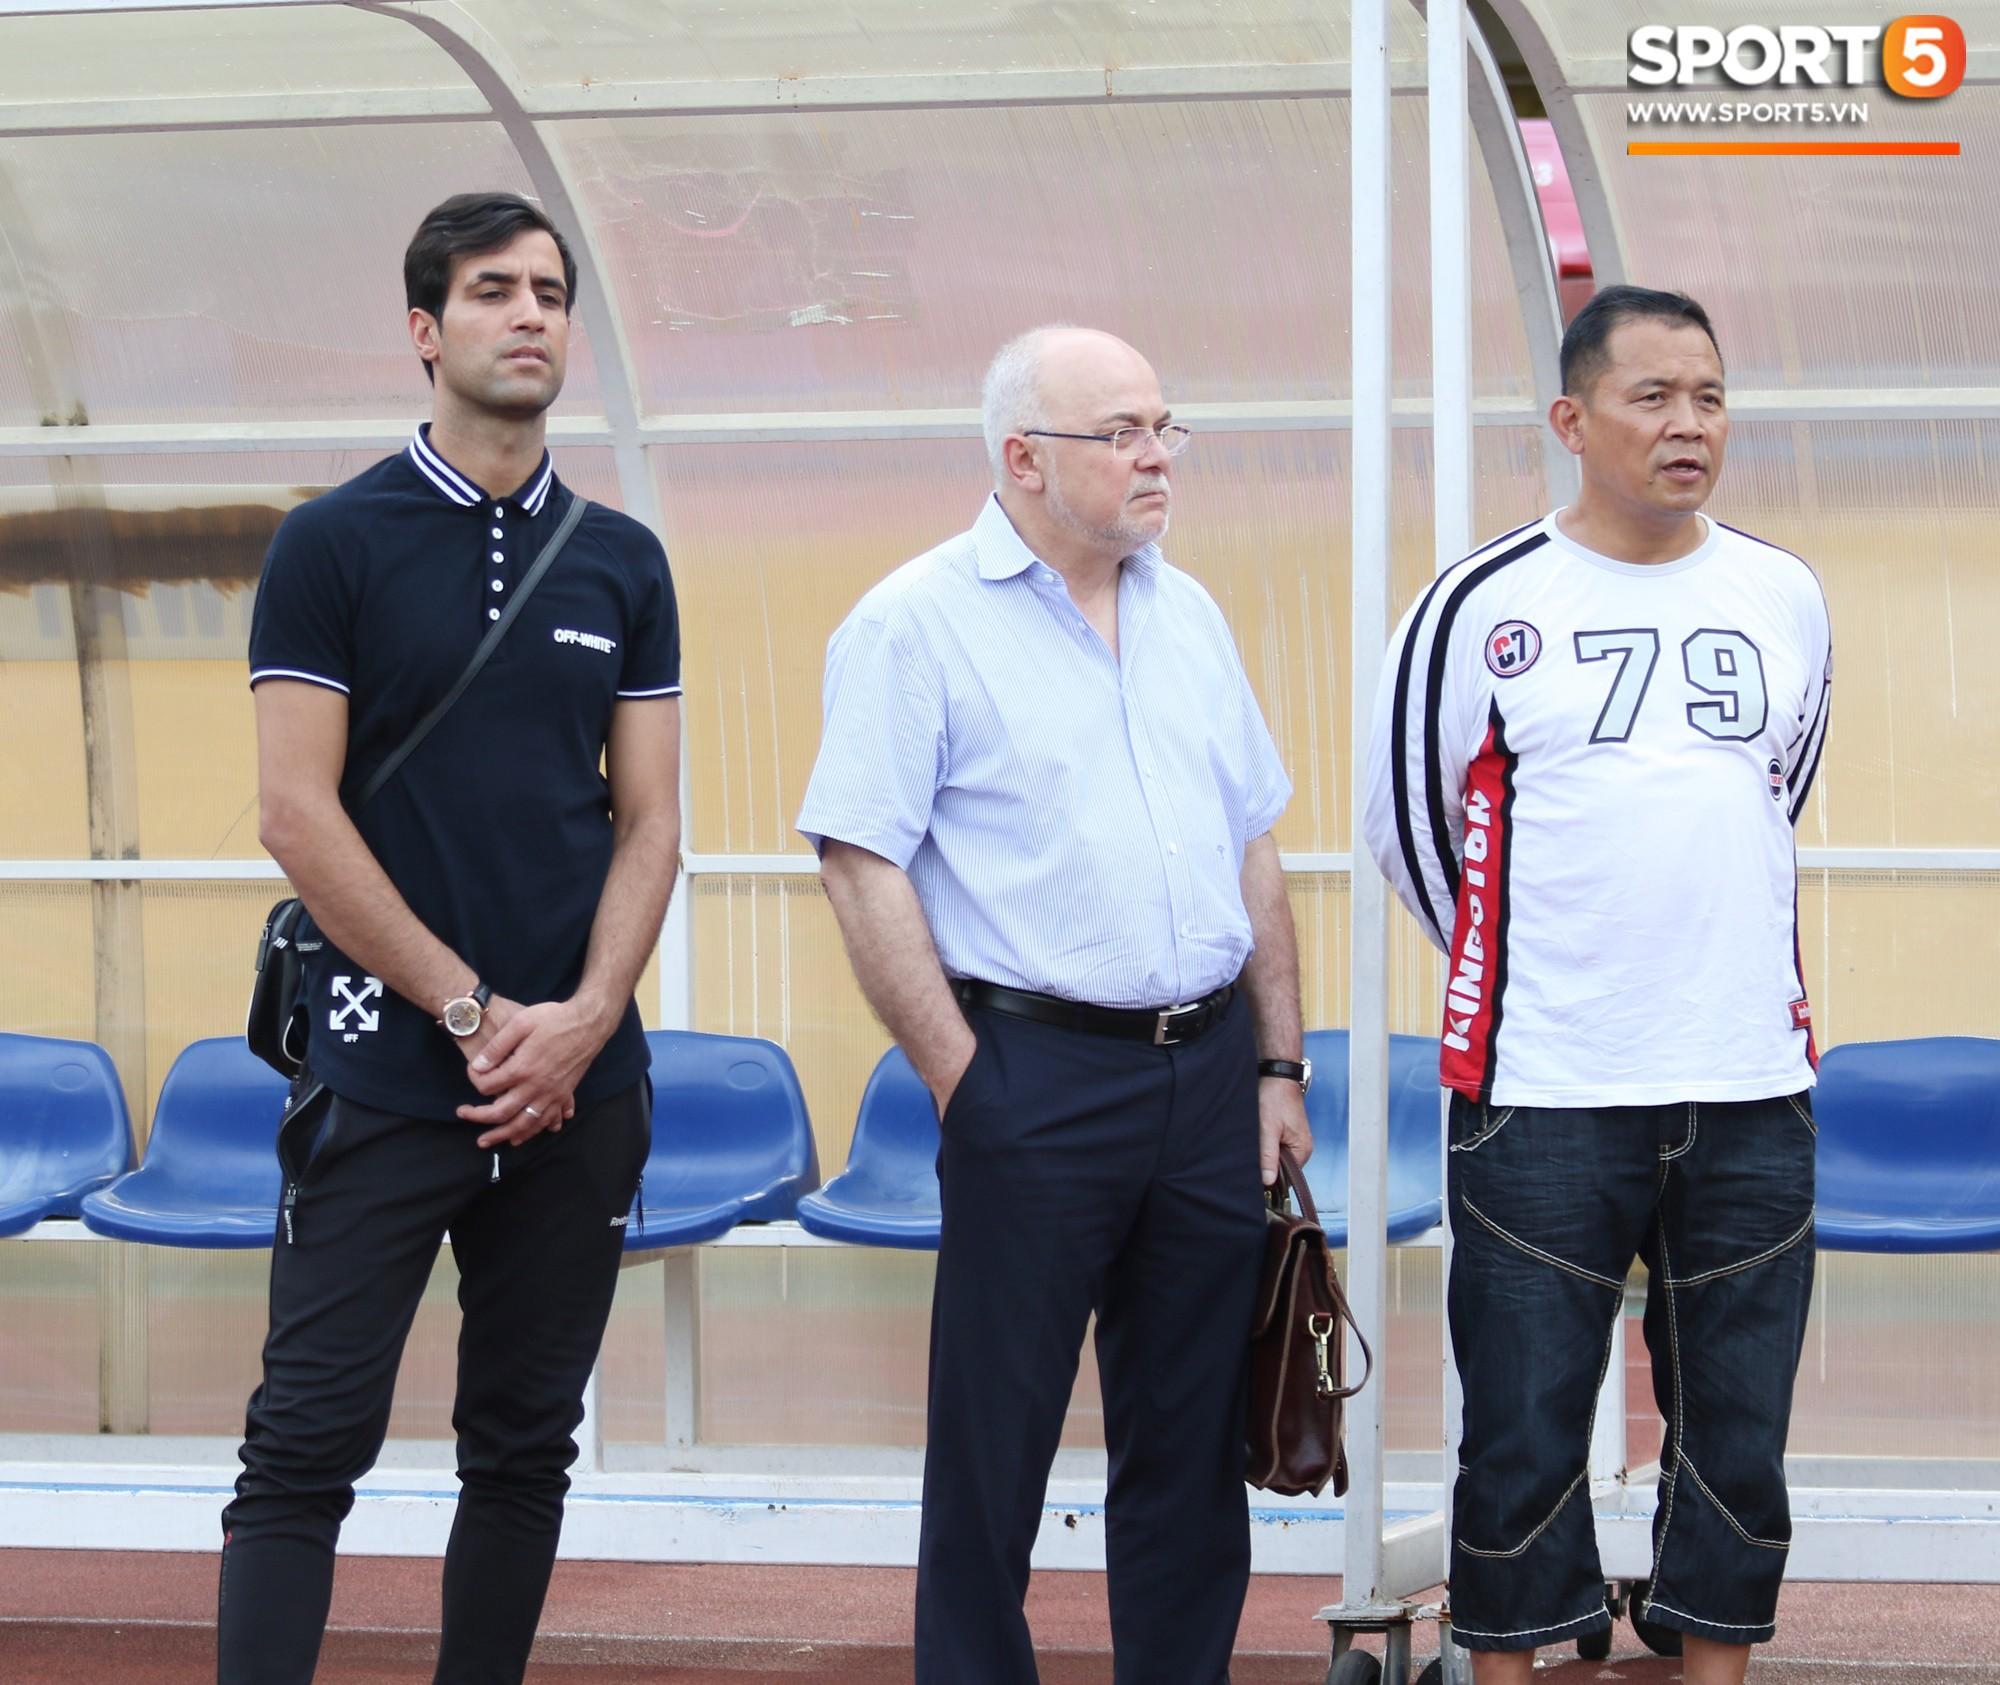 Hà Nội FC chiêu mộ tân binh hơn 10 tỷ đồng: Đẹp trai, thi đấu đa năng và đặc biệt thu hút bởi ánh mắt buồn - Ảnh 1.